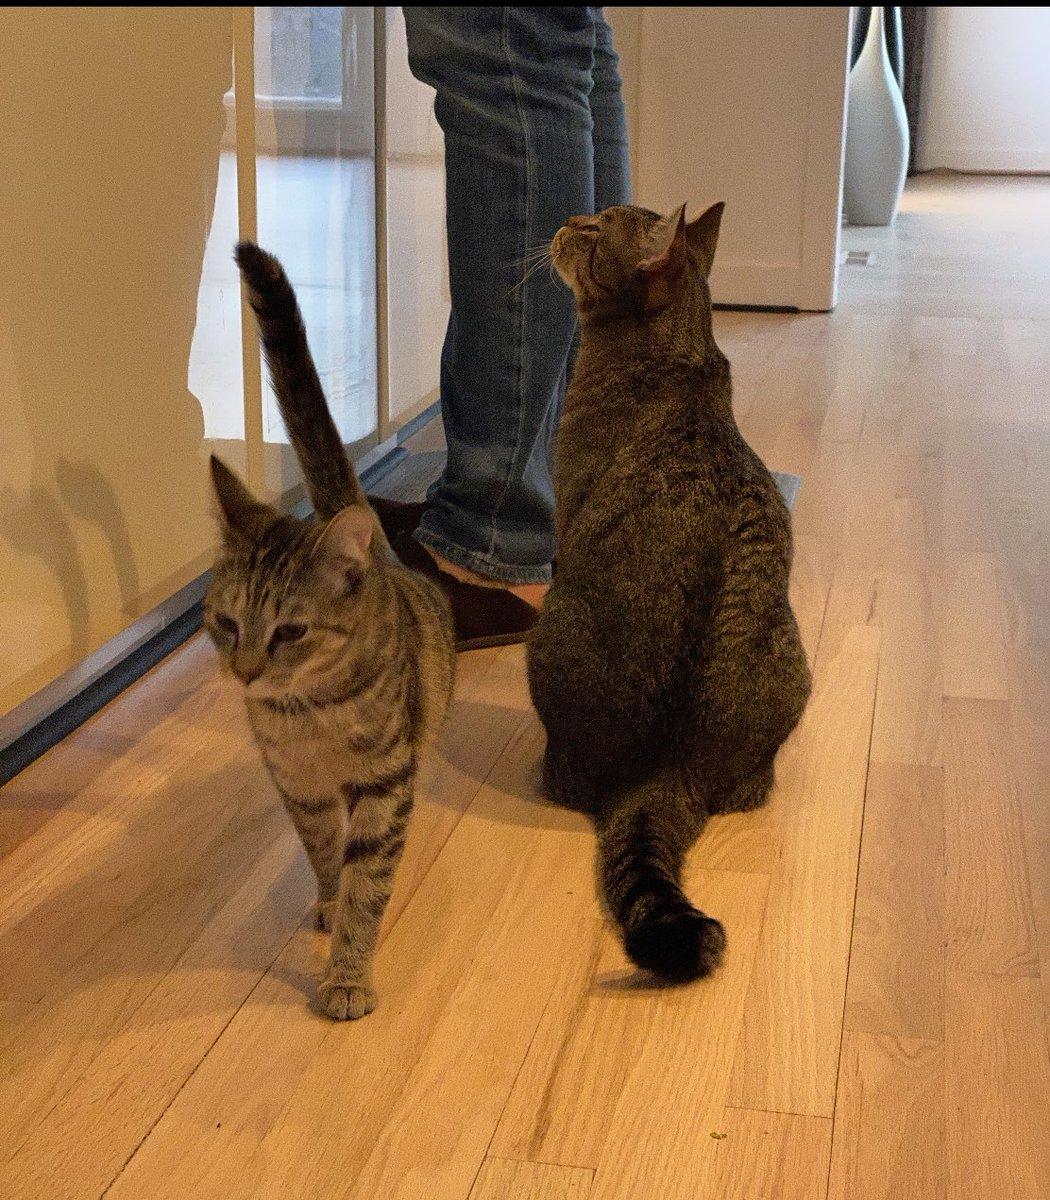 Il y a deux qui sont impatients pour leur petit déjeuner 😋🐈#fridaymorning